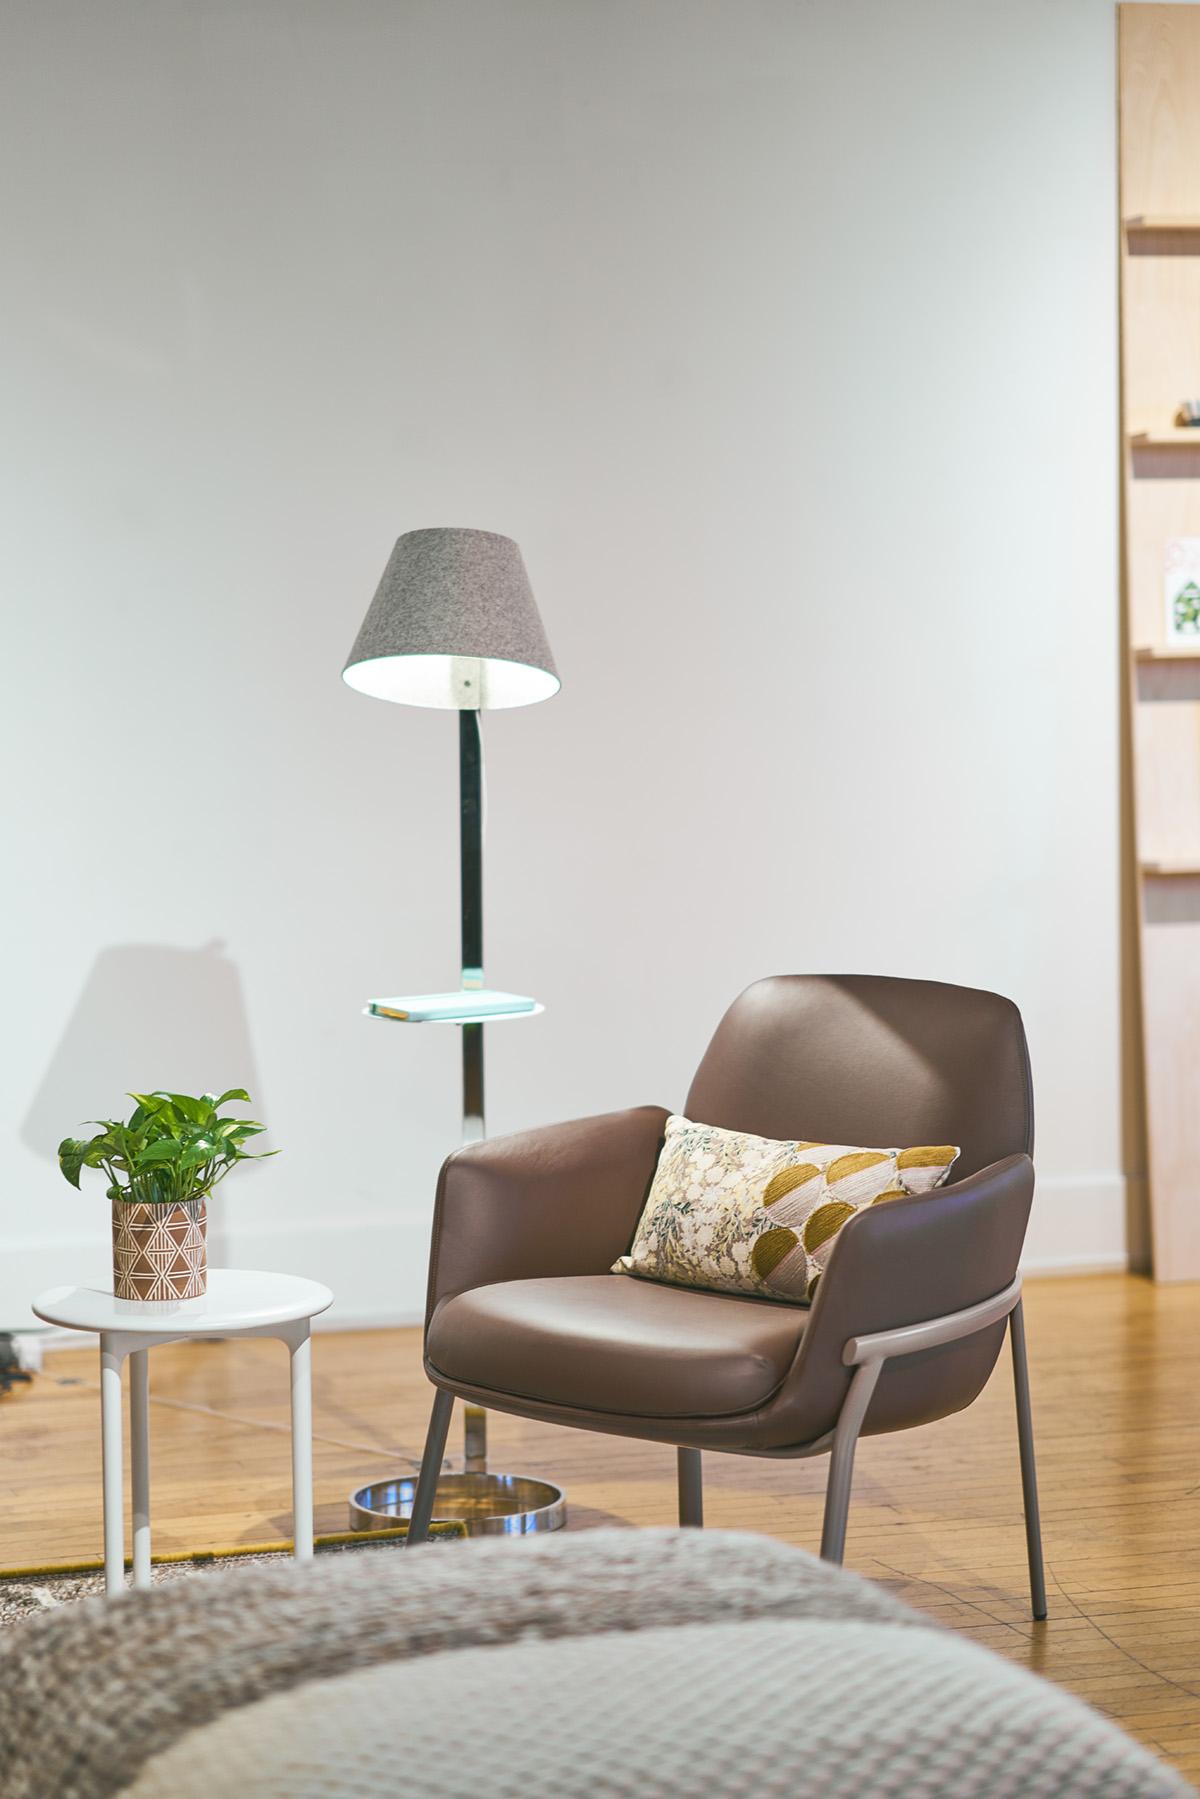 Lighting: Pablo Designs Lana